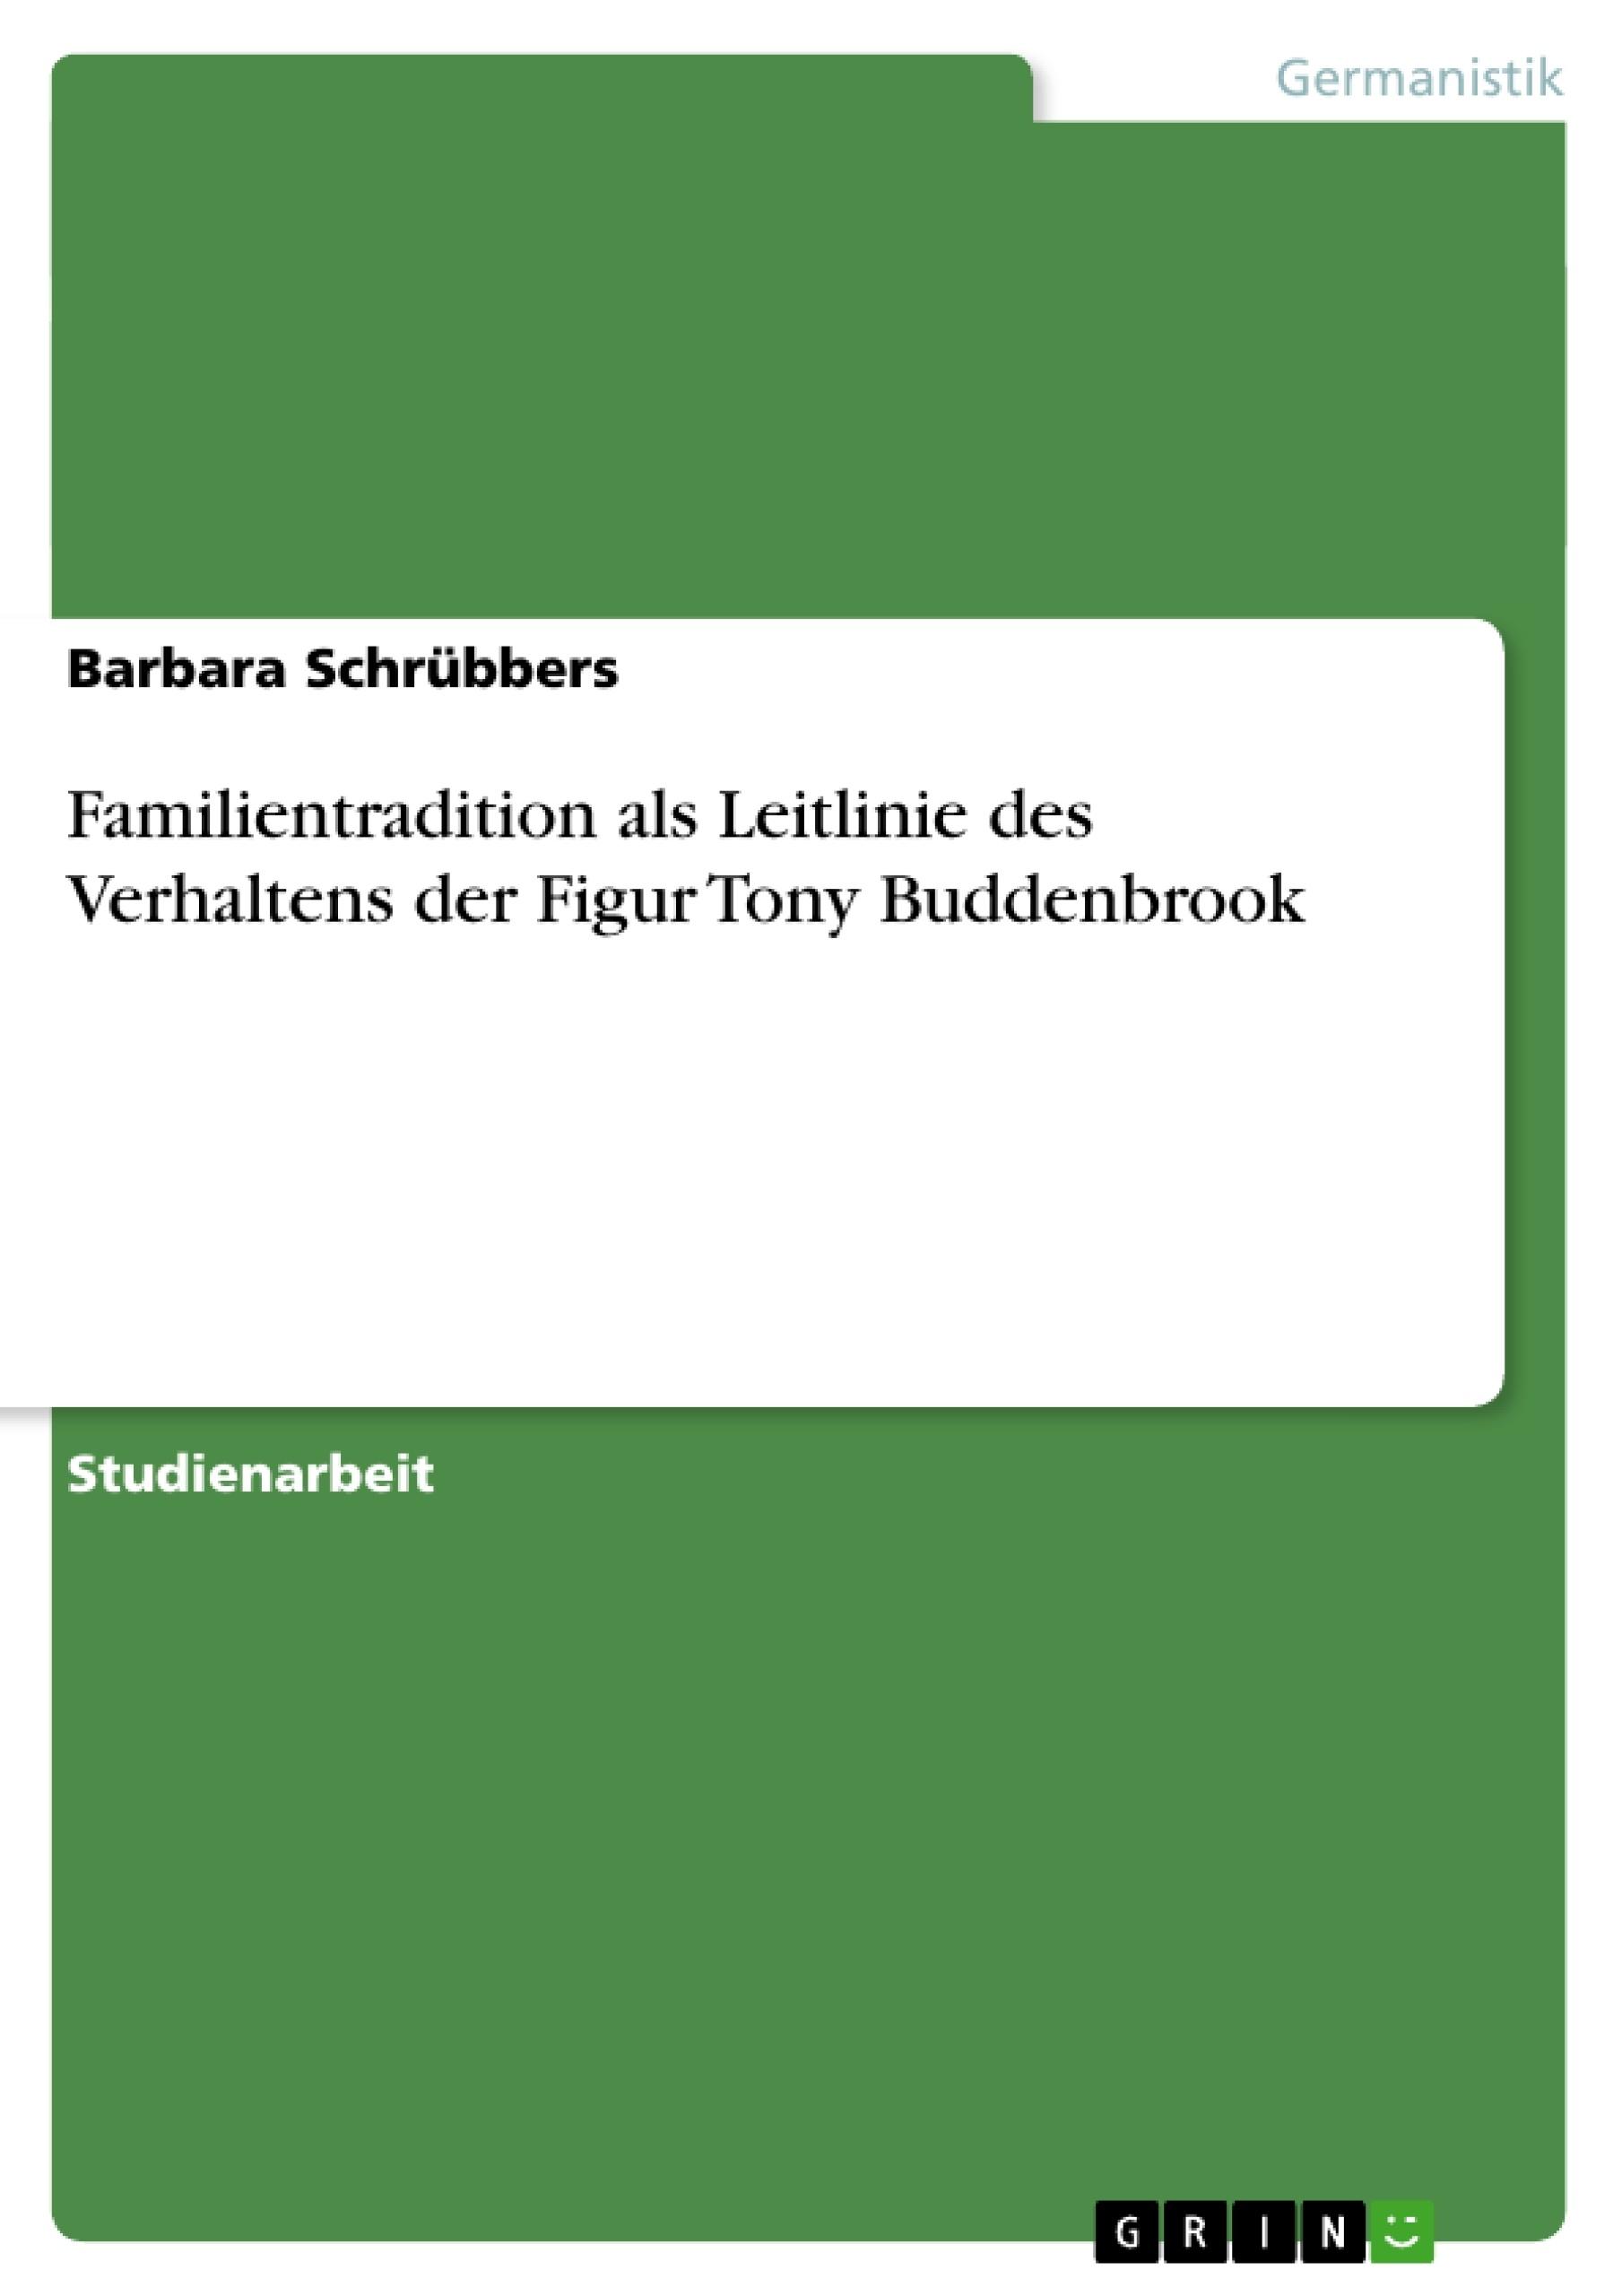 Titel: Familientradition als Leitlinie des Verhaltens der Figur Tony Buddenbrook